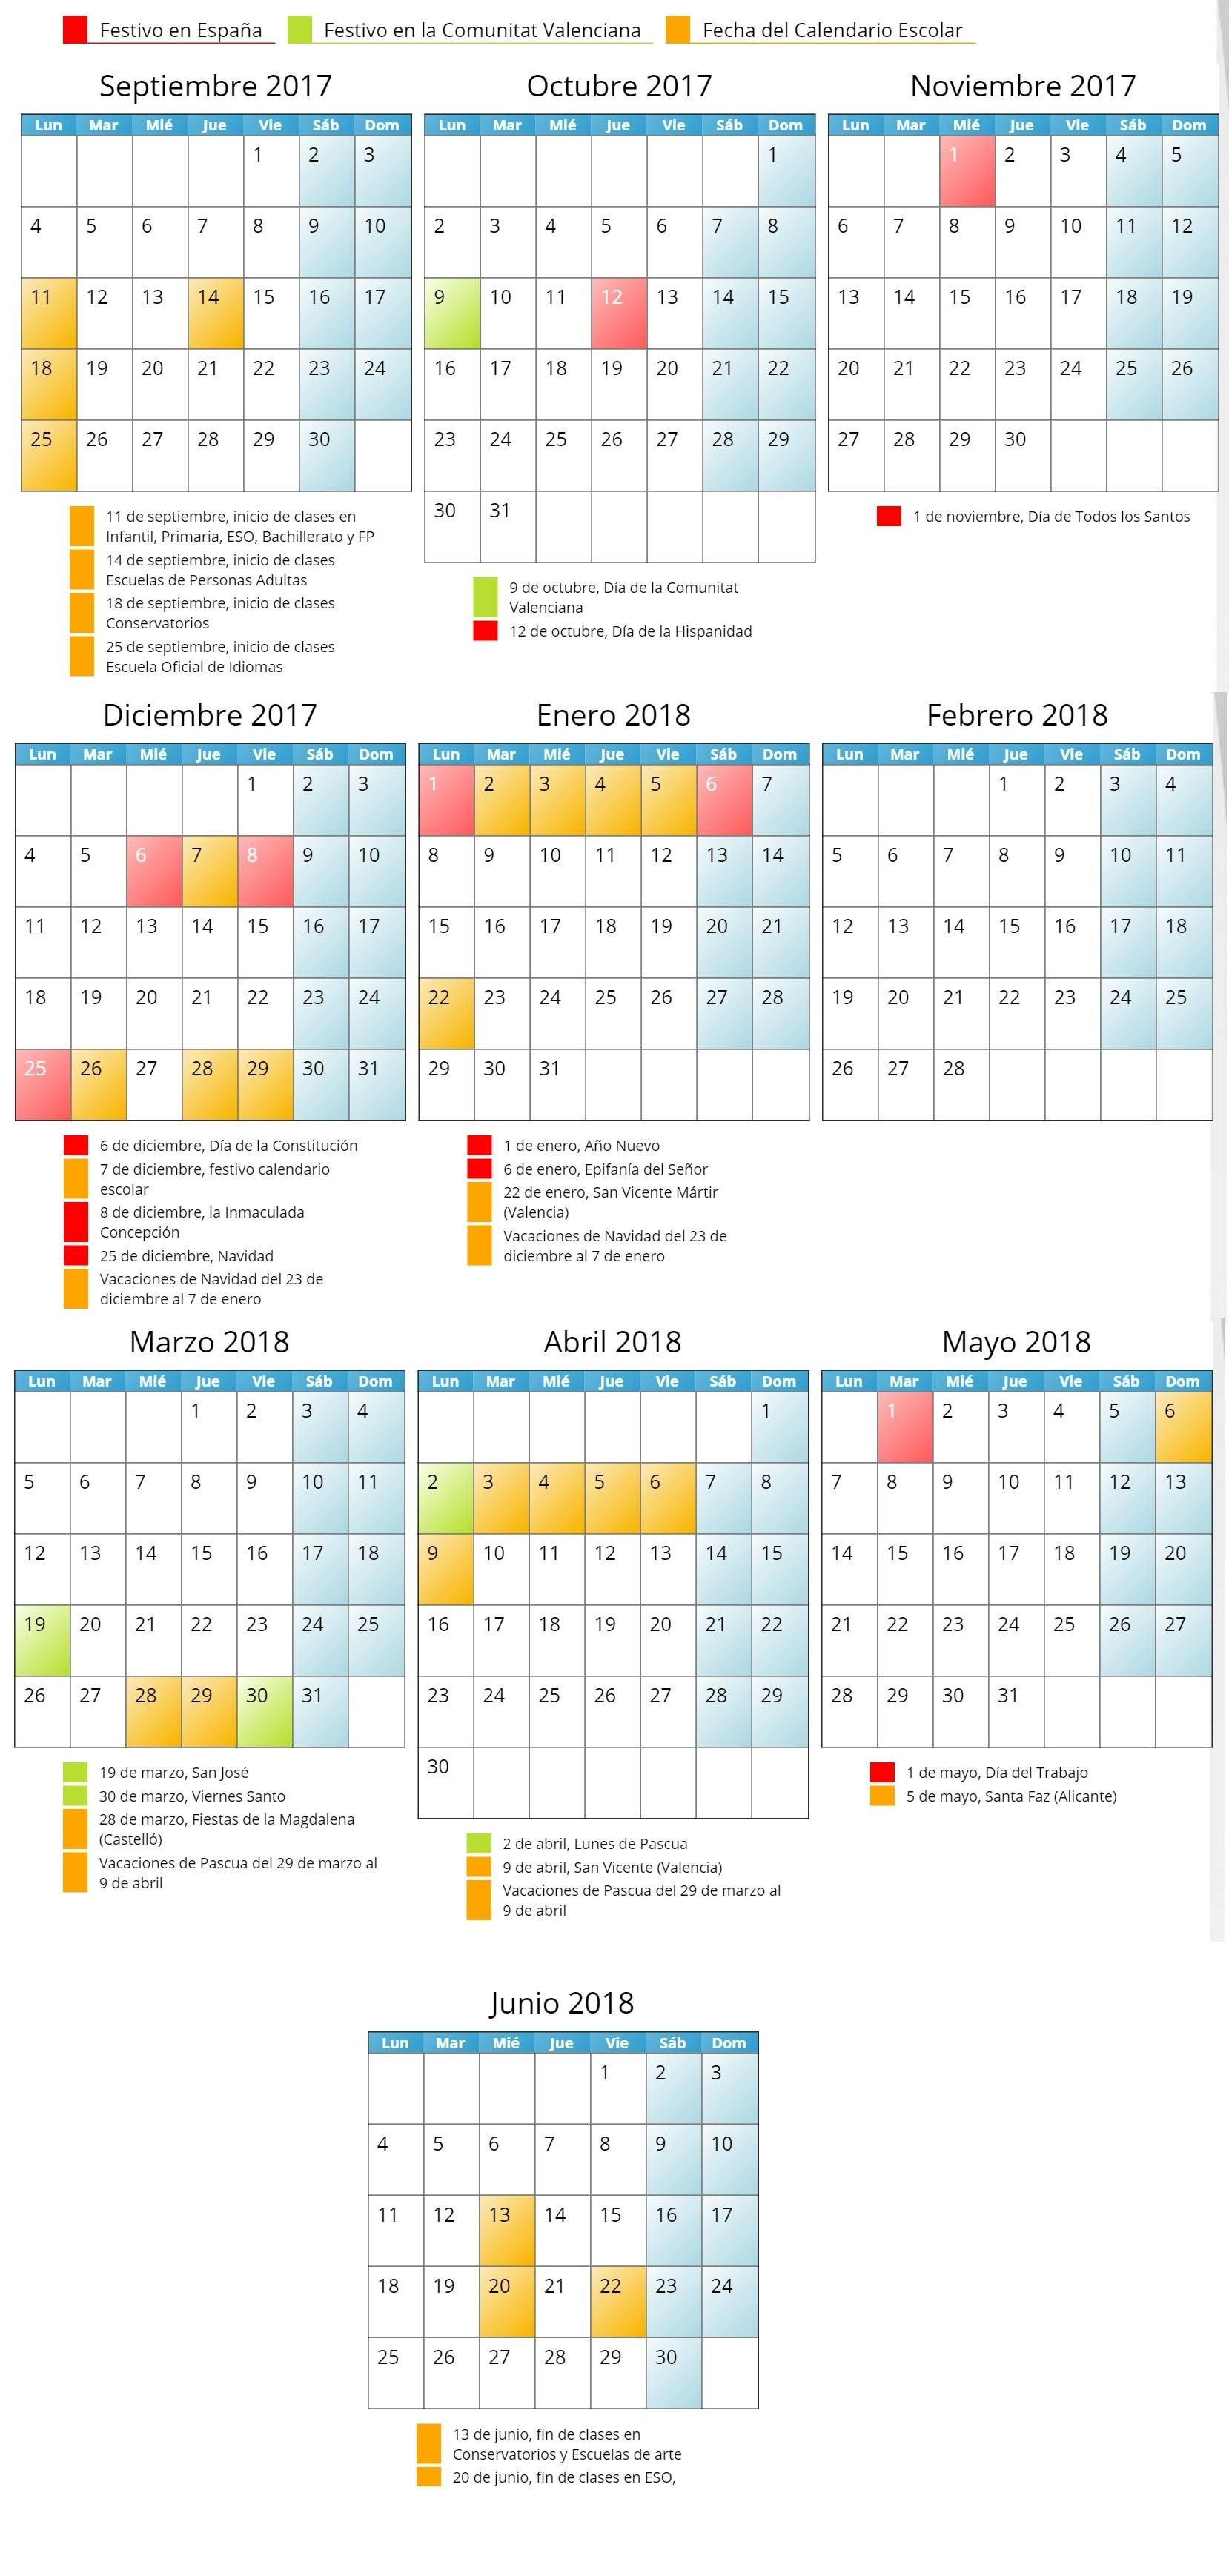 CALENDARIO ESCOLAR 2017 – 2018 UNITAT VALENCIANA NO SE INCLUYEN LOS DAS 14 Y 15 DE MARZO DE LA CIUDAD DE VALENCIA